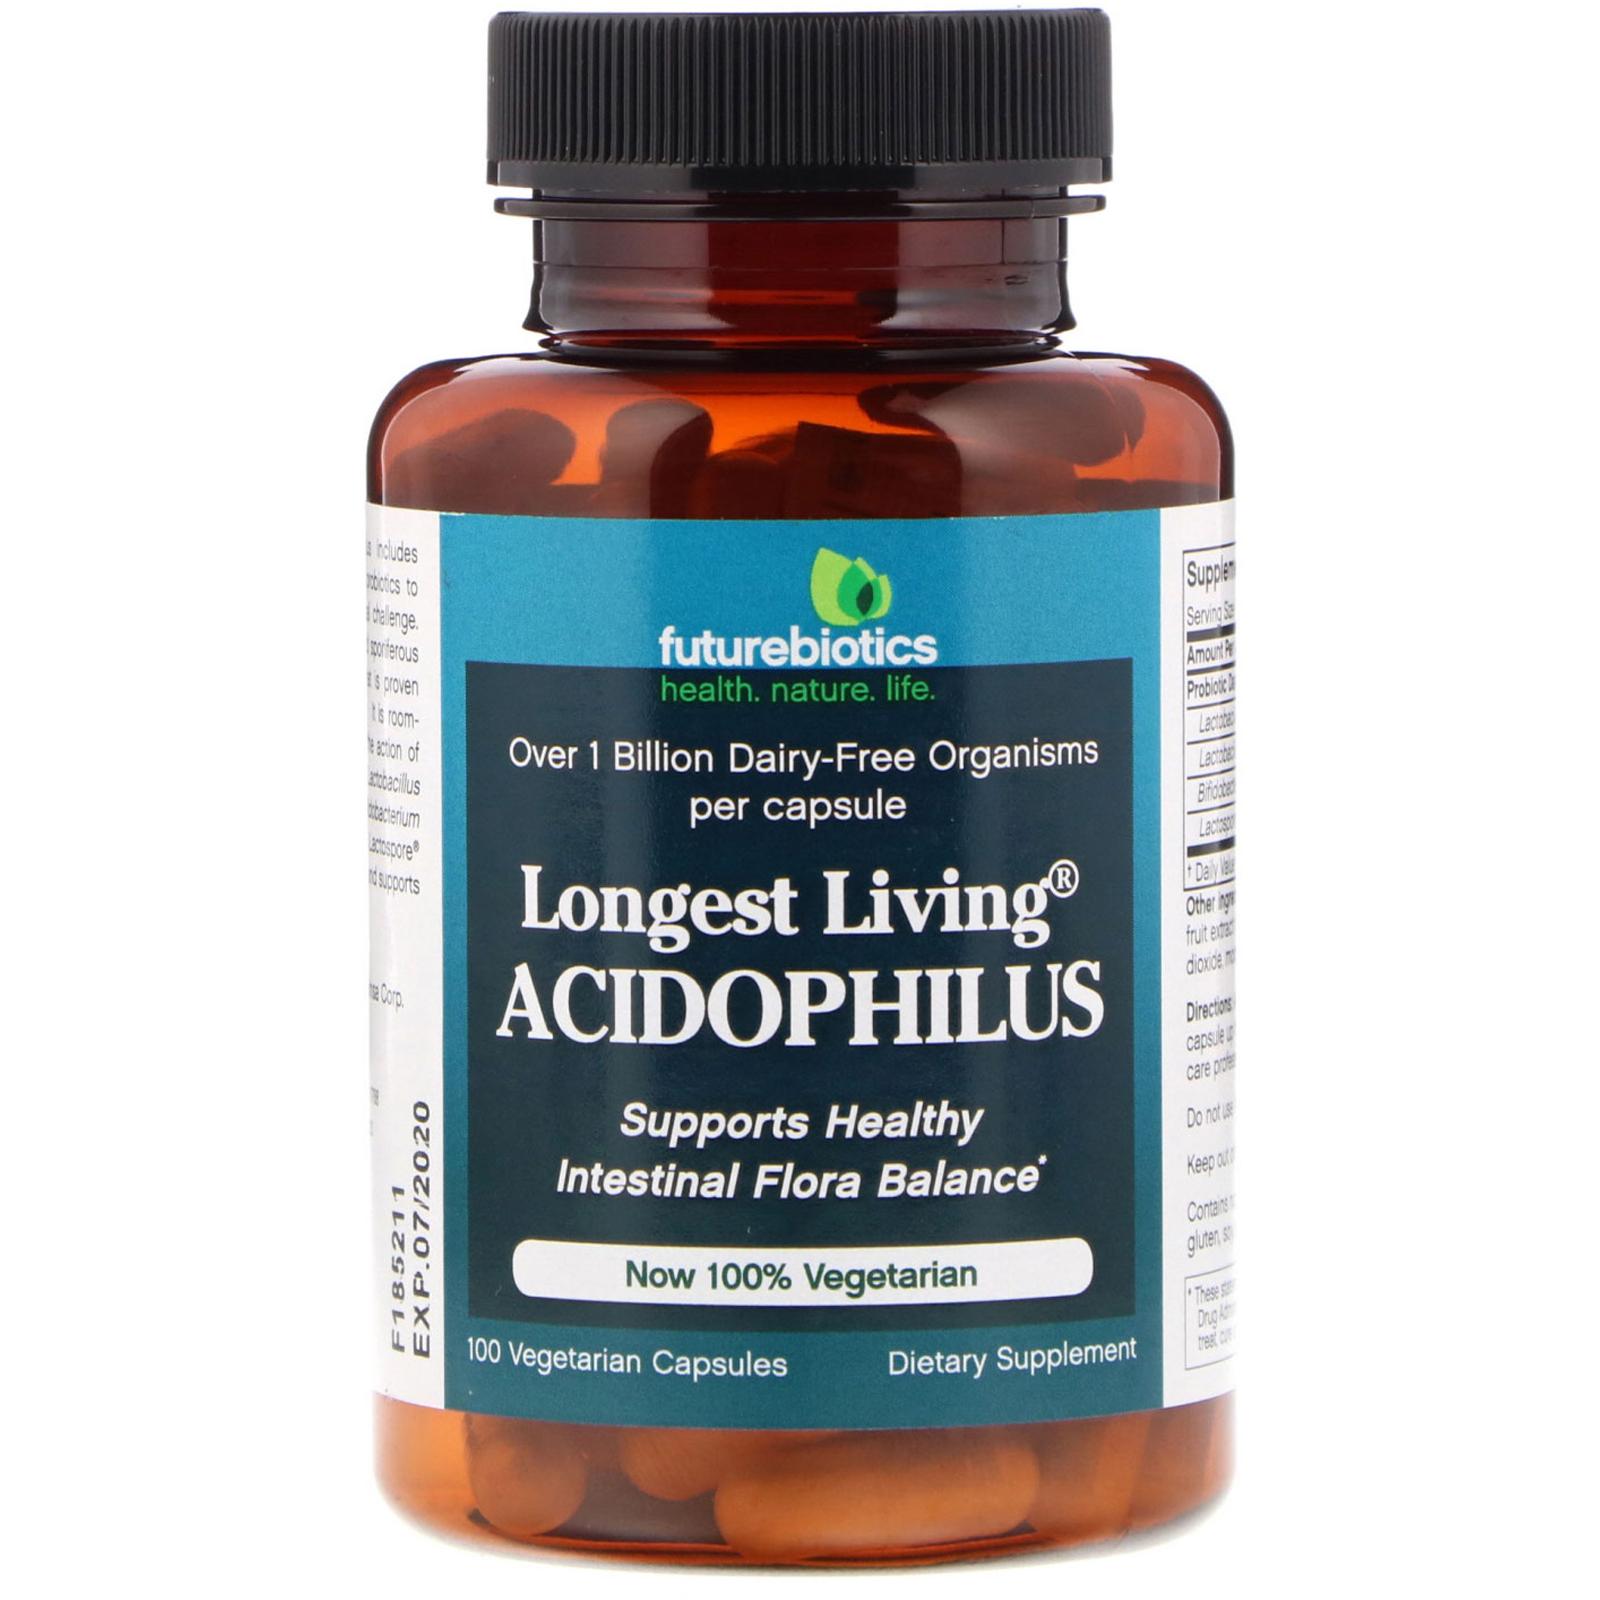 FutureBiotics, Longest Living Acidophilus, 100 Vegetarian Capsules